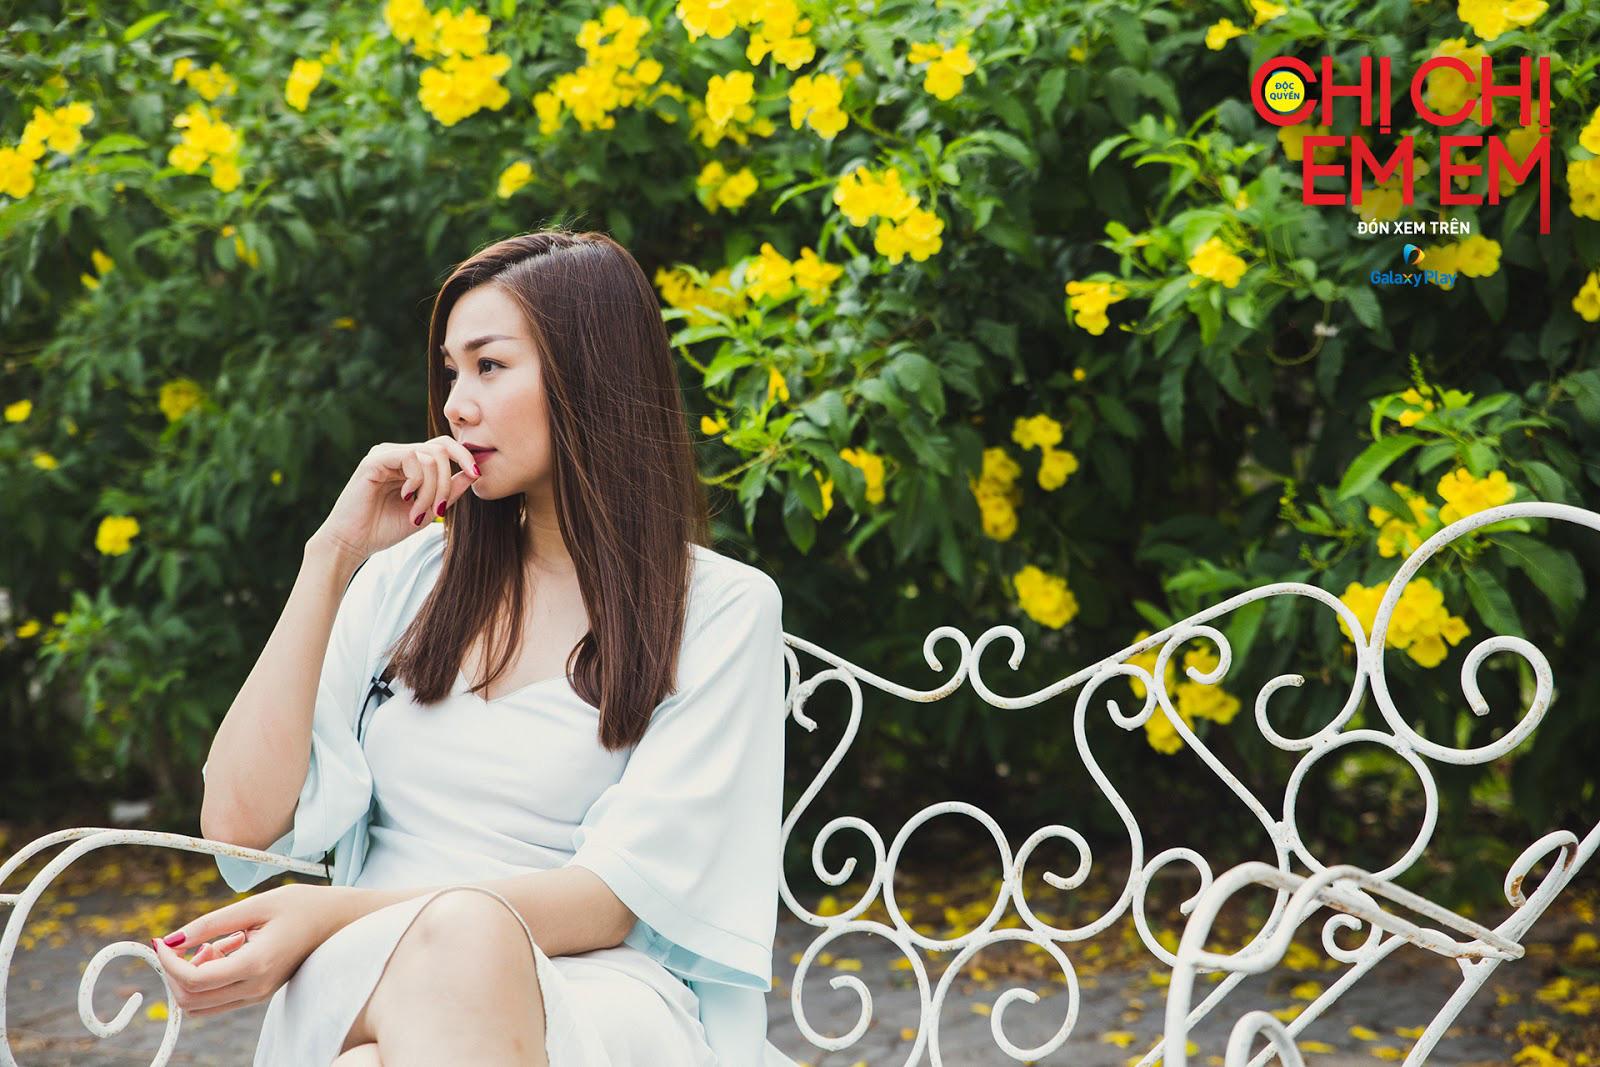 """Đối thủ truyền kiếp của Mắt Biếc - Chị Chị Em Em chính thức phát hành trực tuyến: """"Món ngon điện ảnh Việt chưa bao giờ nhiều đến thế! - Ảnh 7."""